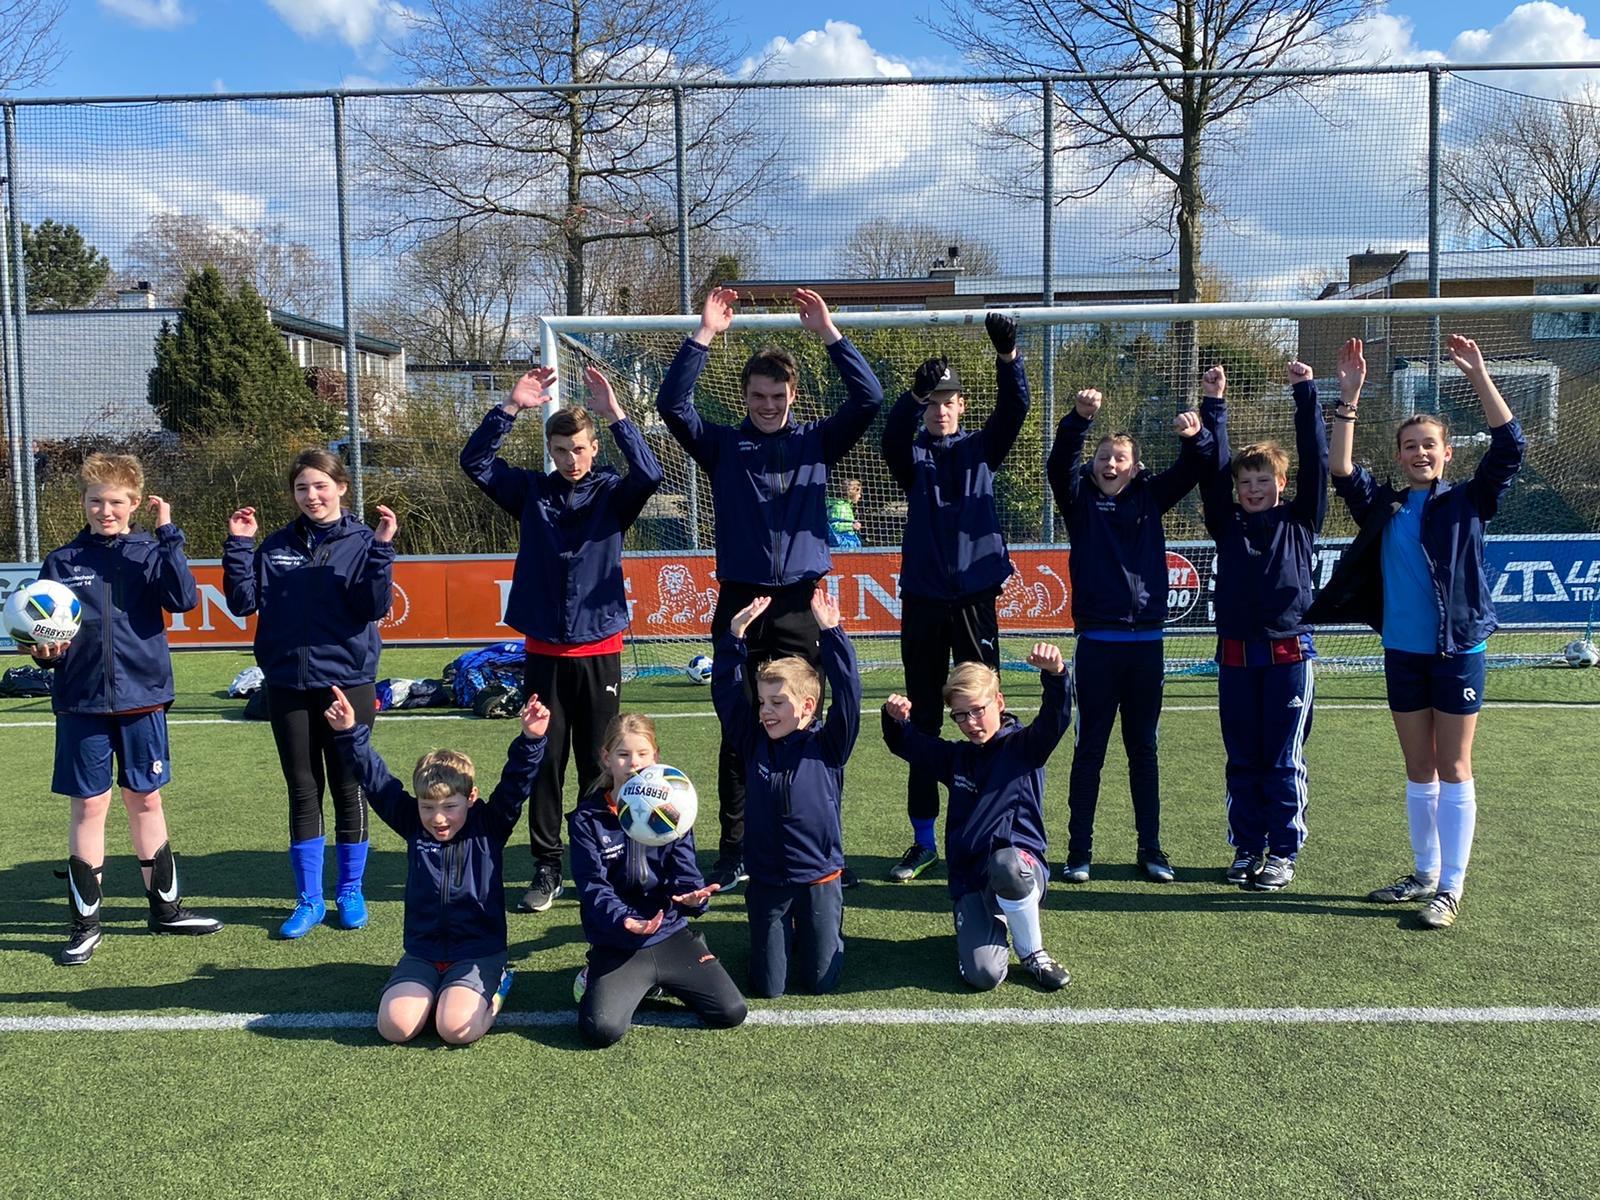 &quote;Nieuwe jassen voor Voetbalschool nr 14&quote;